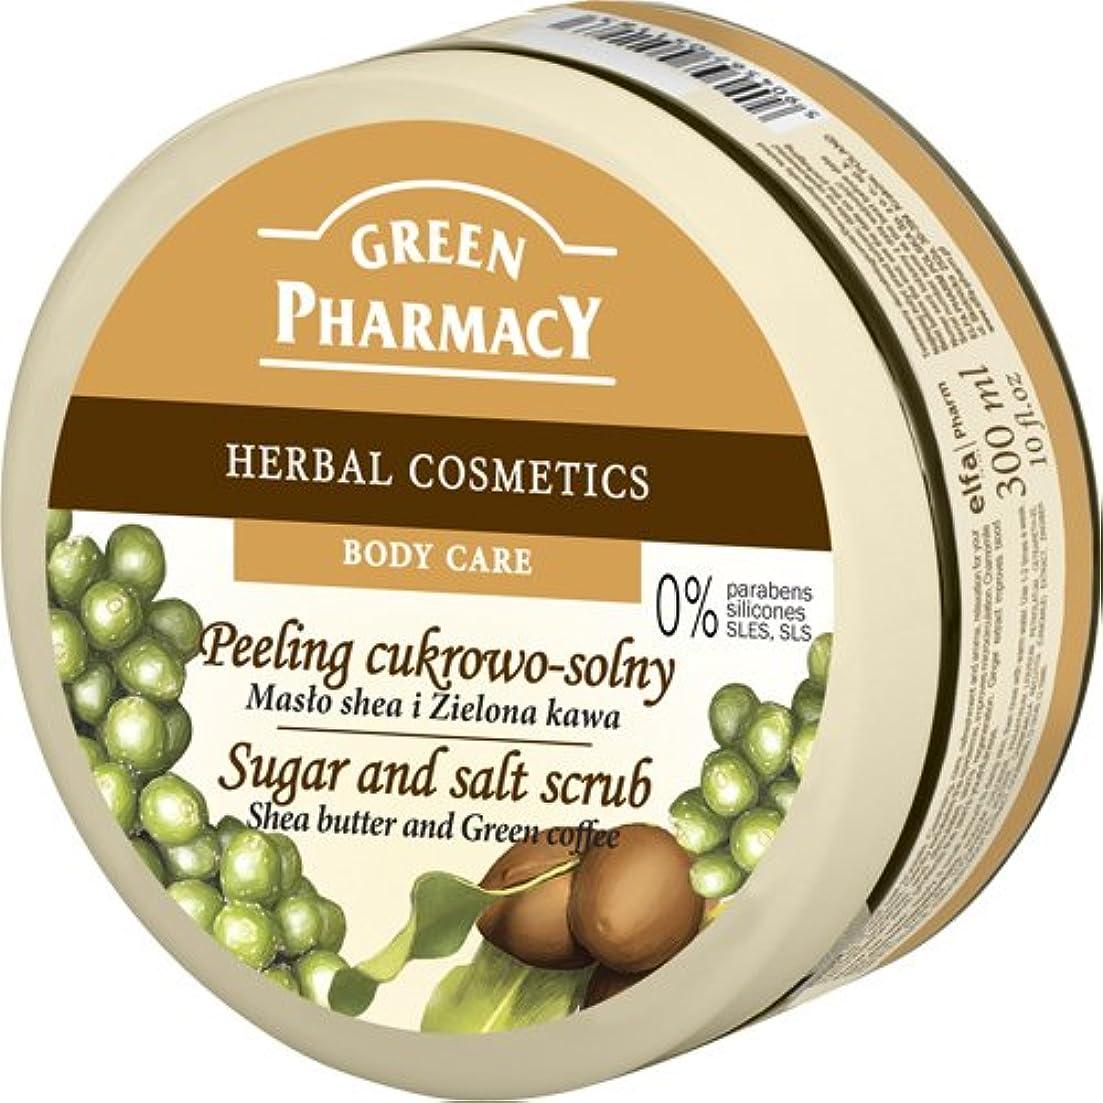 サスティーンエコーレオナルドダElfa Pharm Green Pharmacy シュガー&ソルトスクラブ Shea Butter and Green Coffee